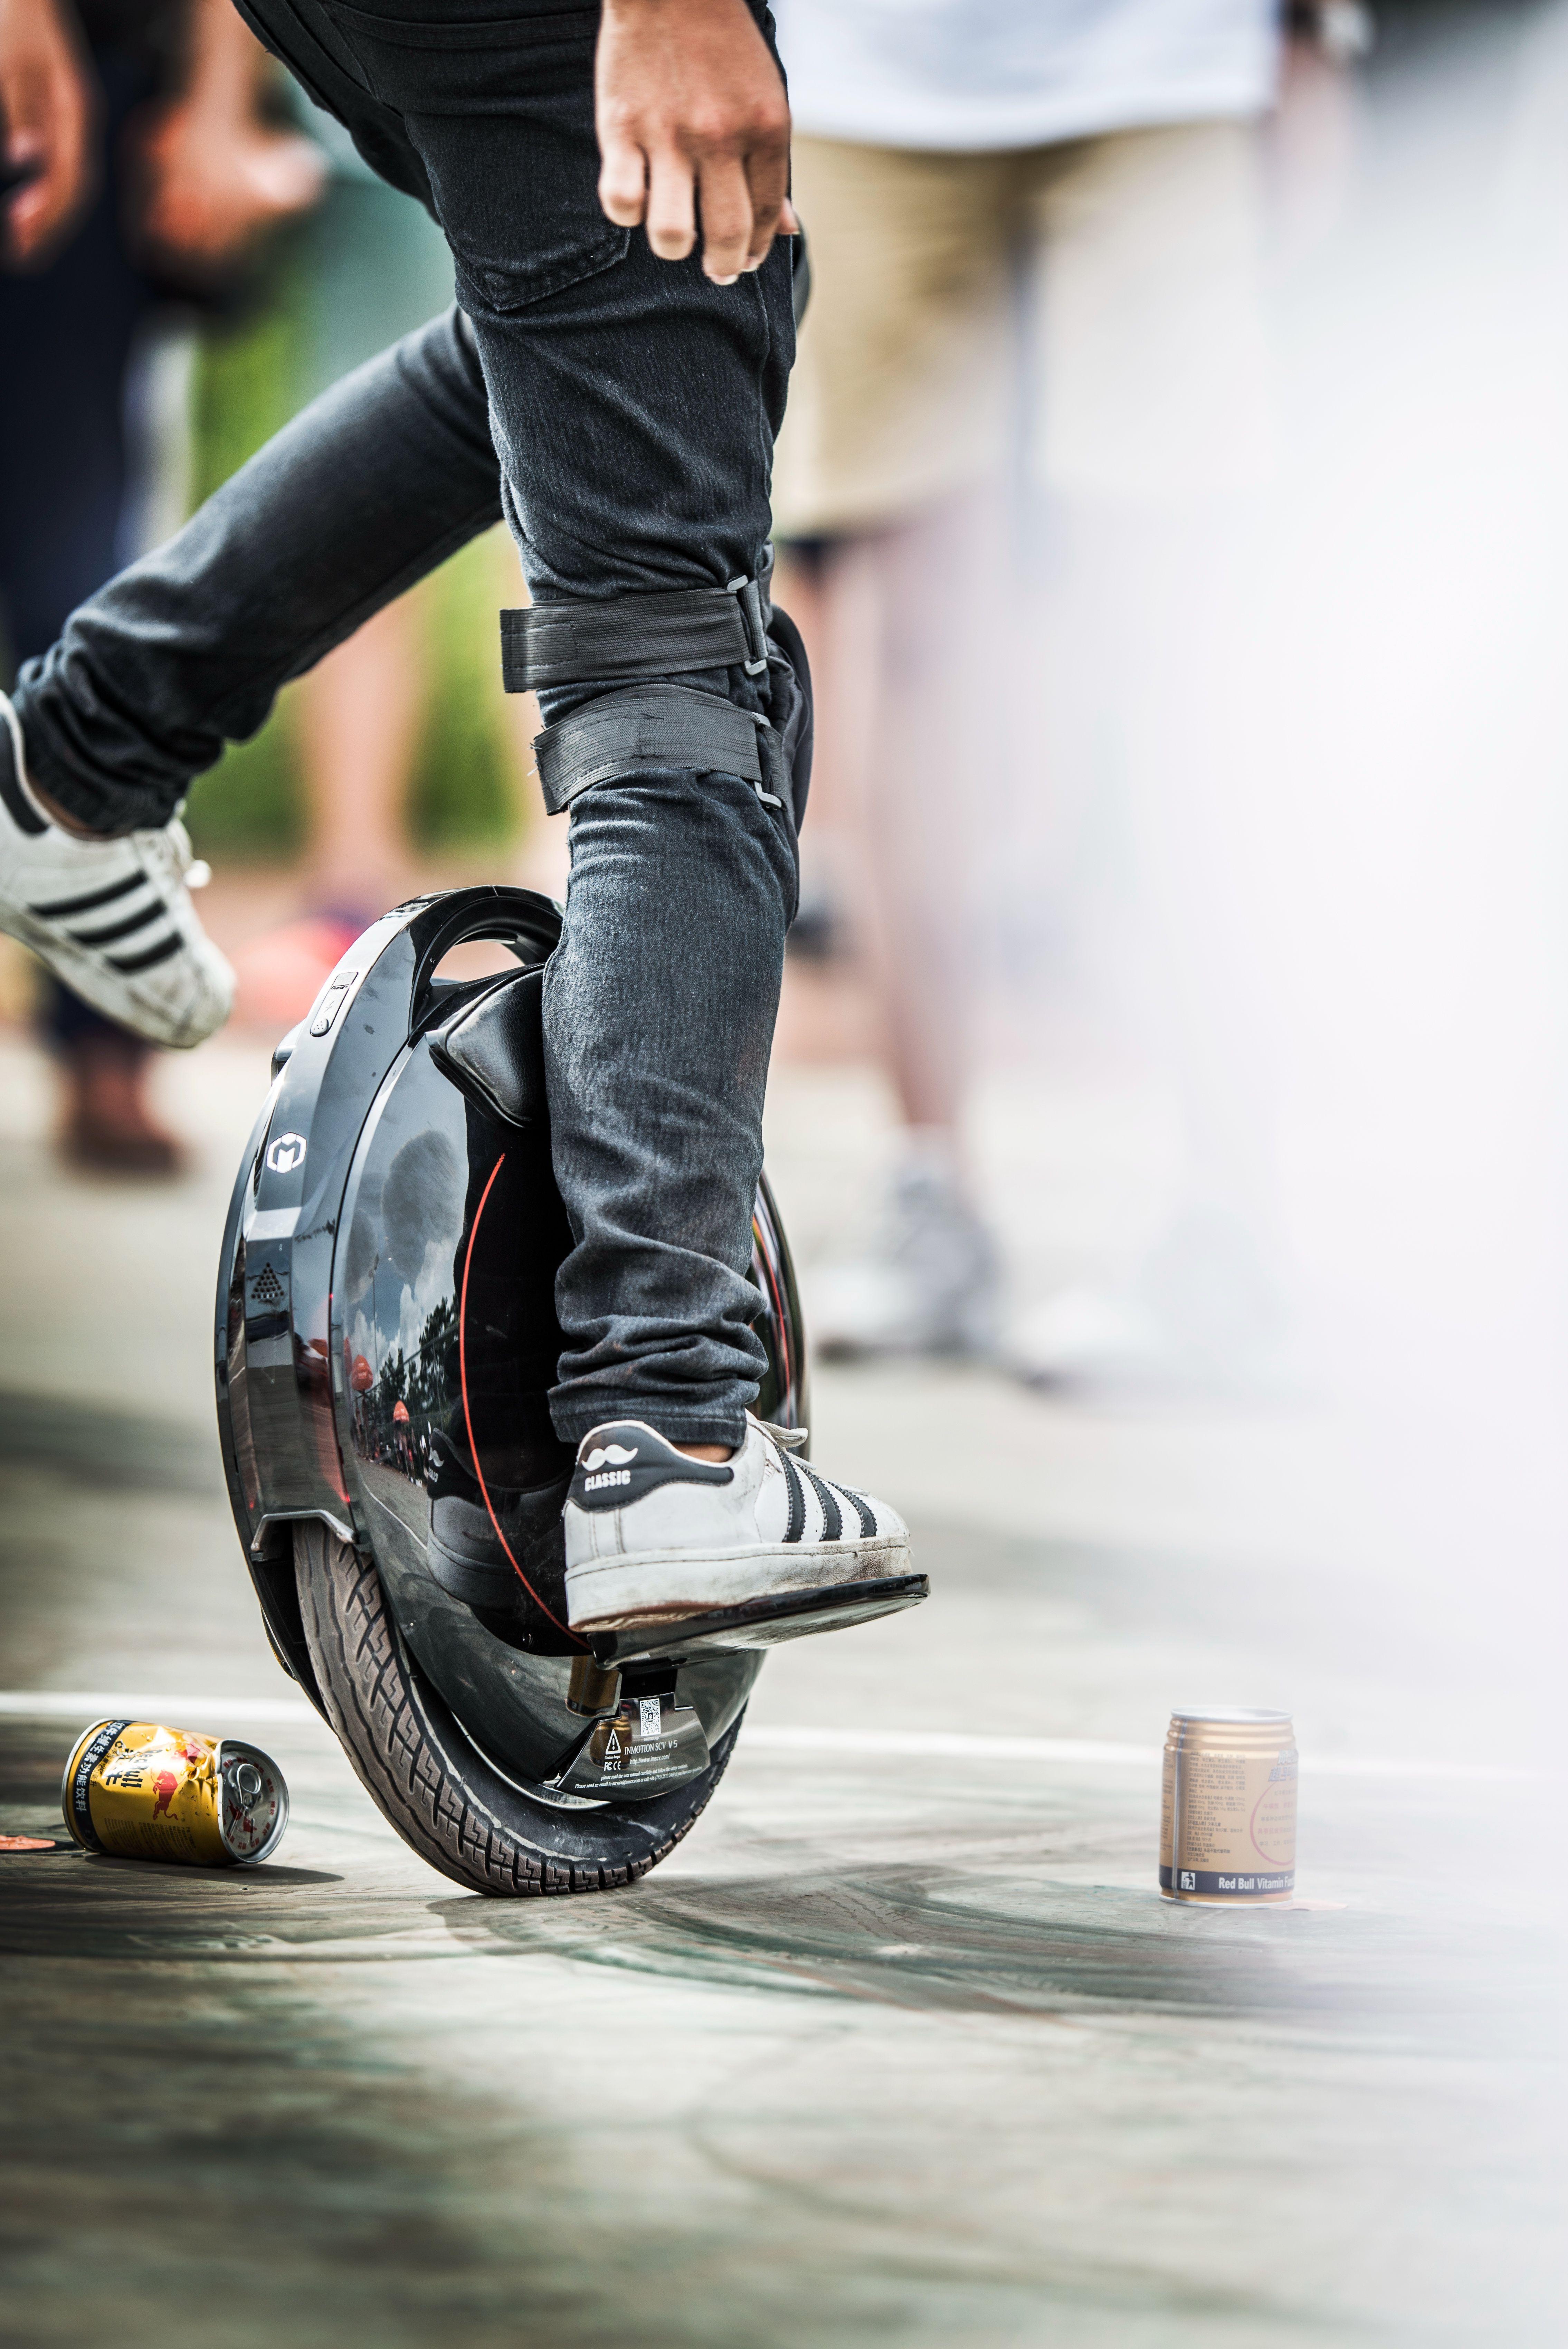 Single Wheel Electric Unicycle